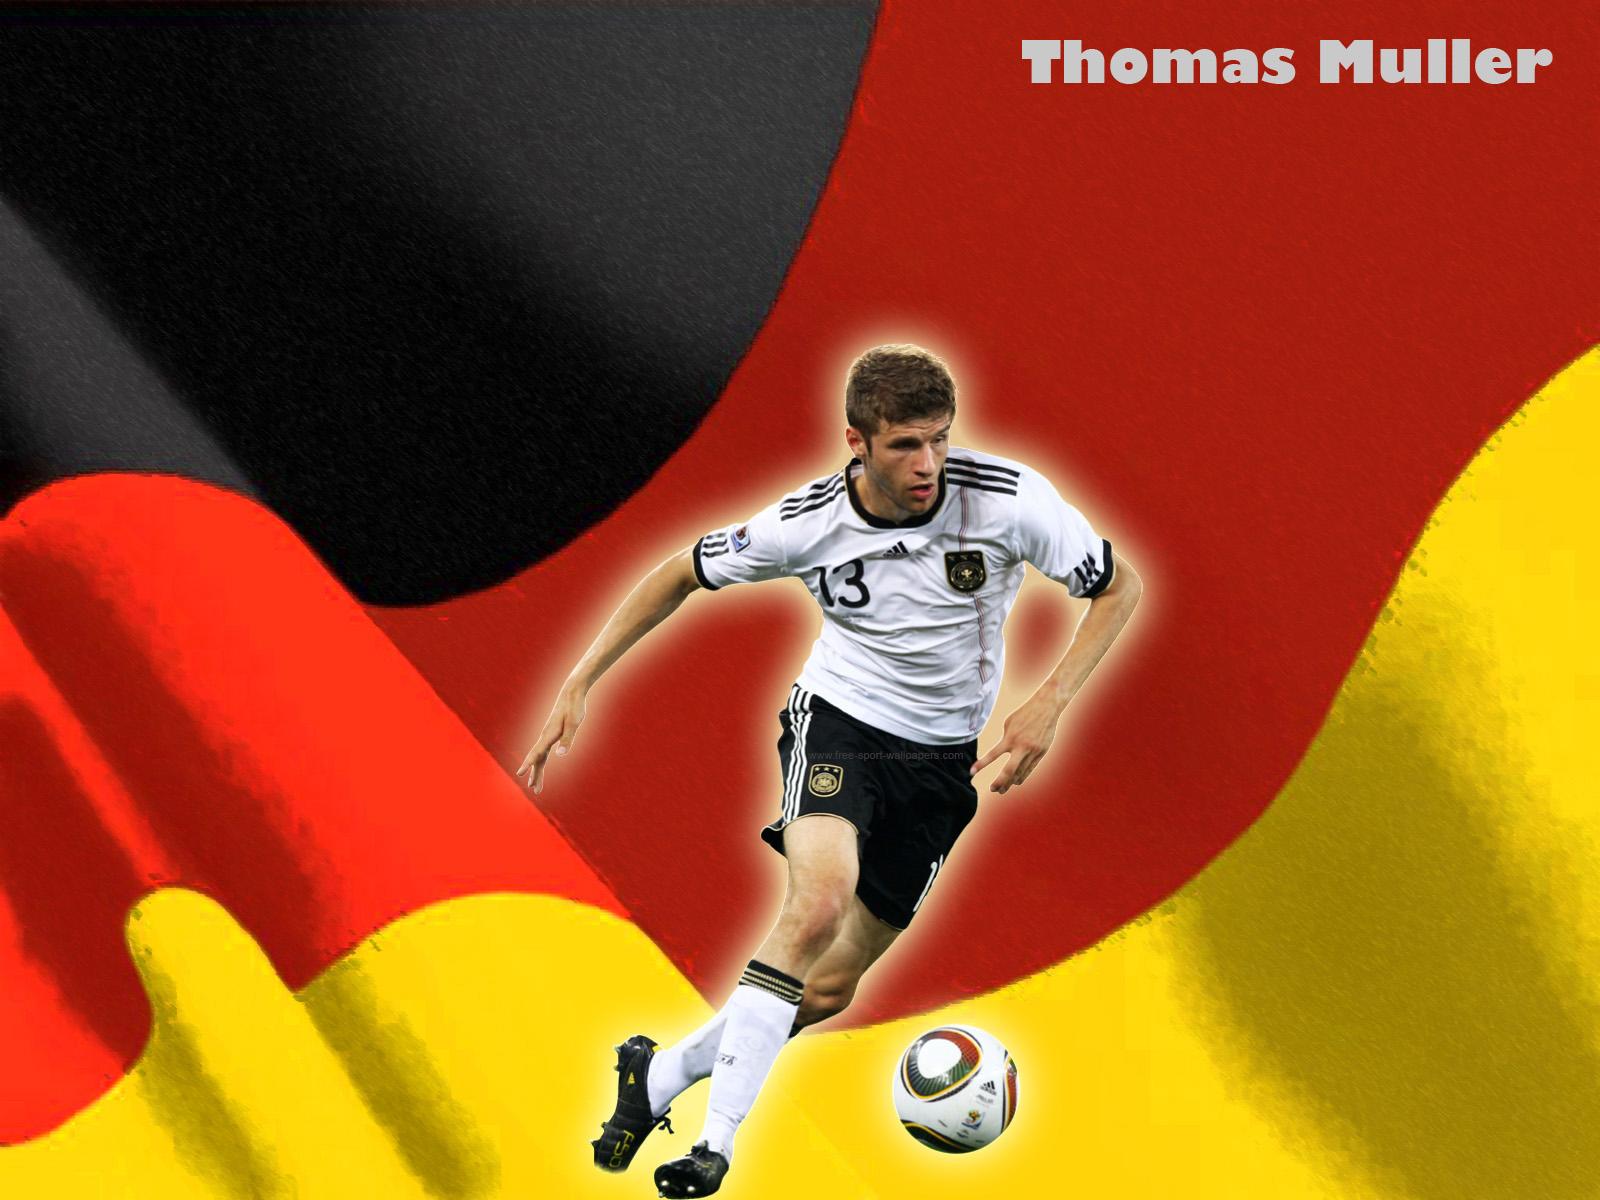 Piala Dunia 2010 Mein Symbian